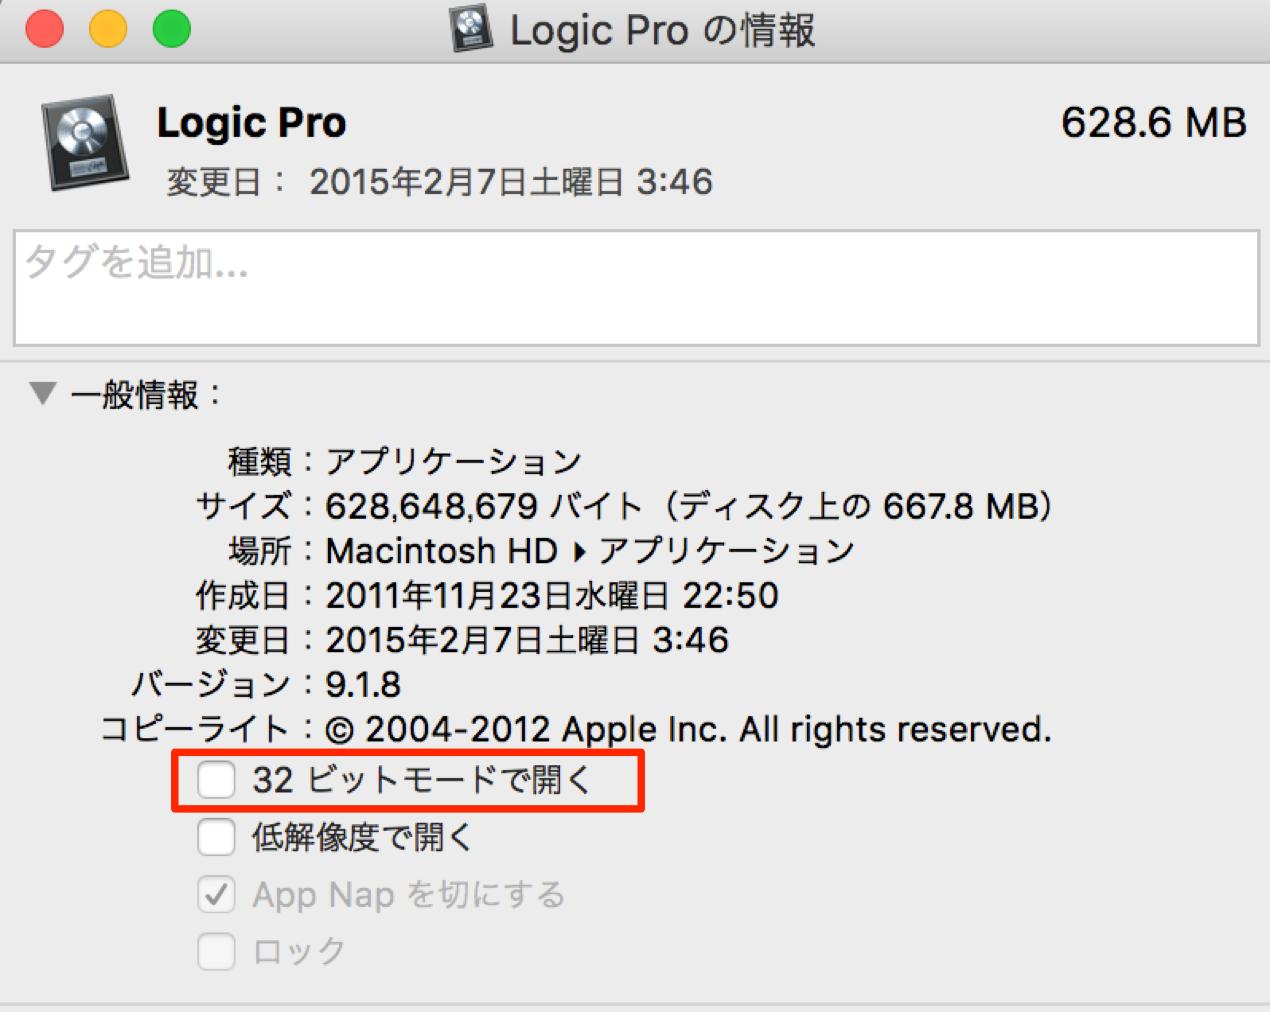 Logic Pro の情報